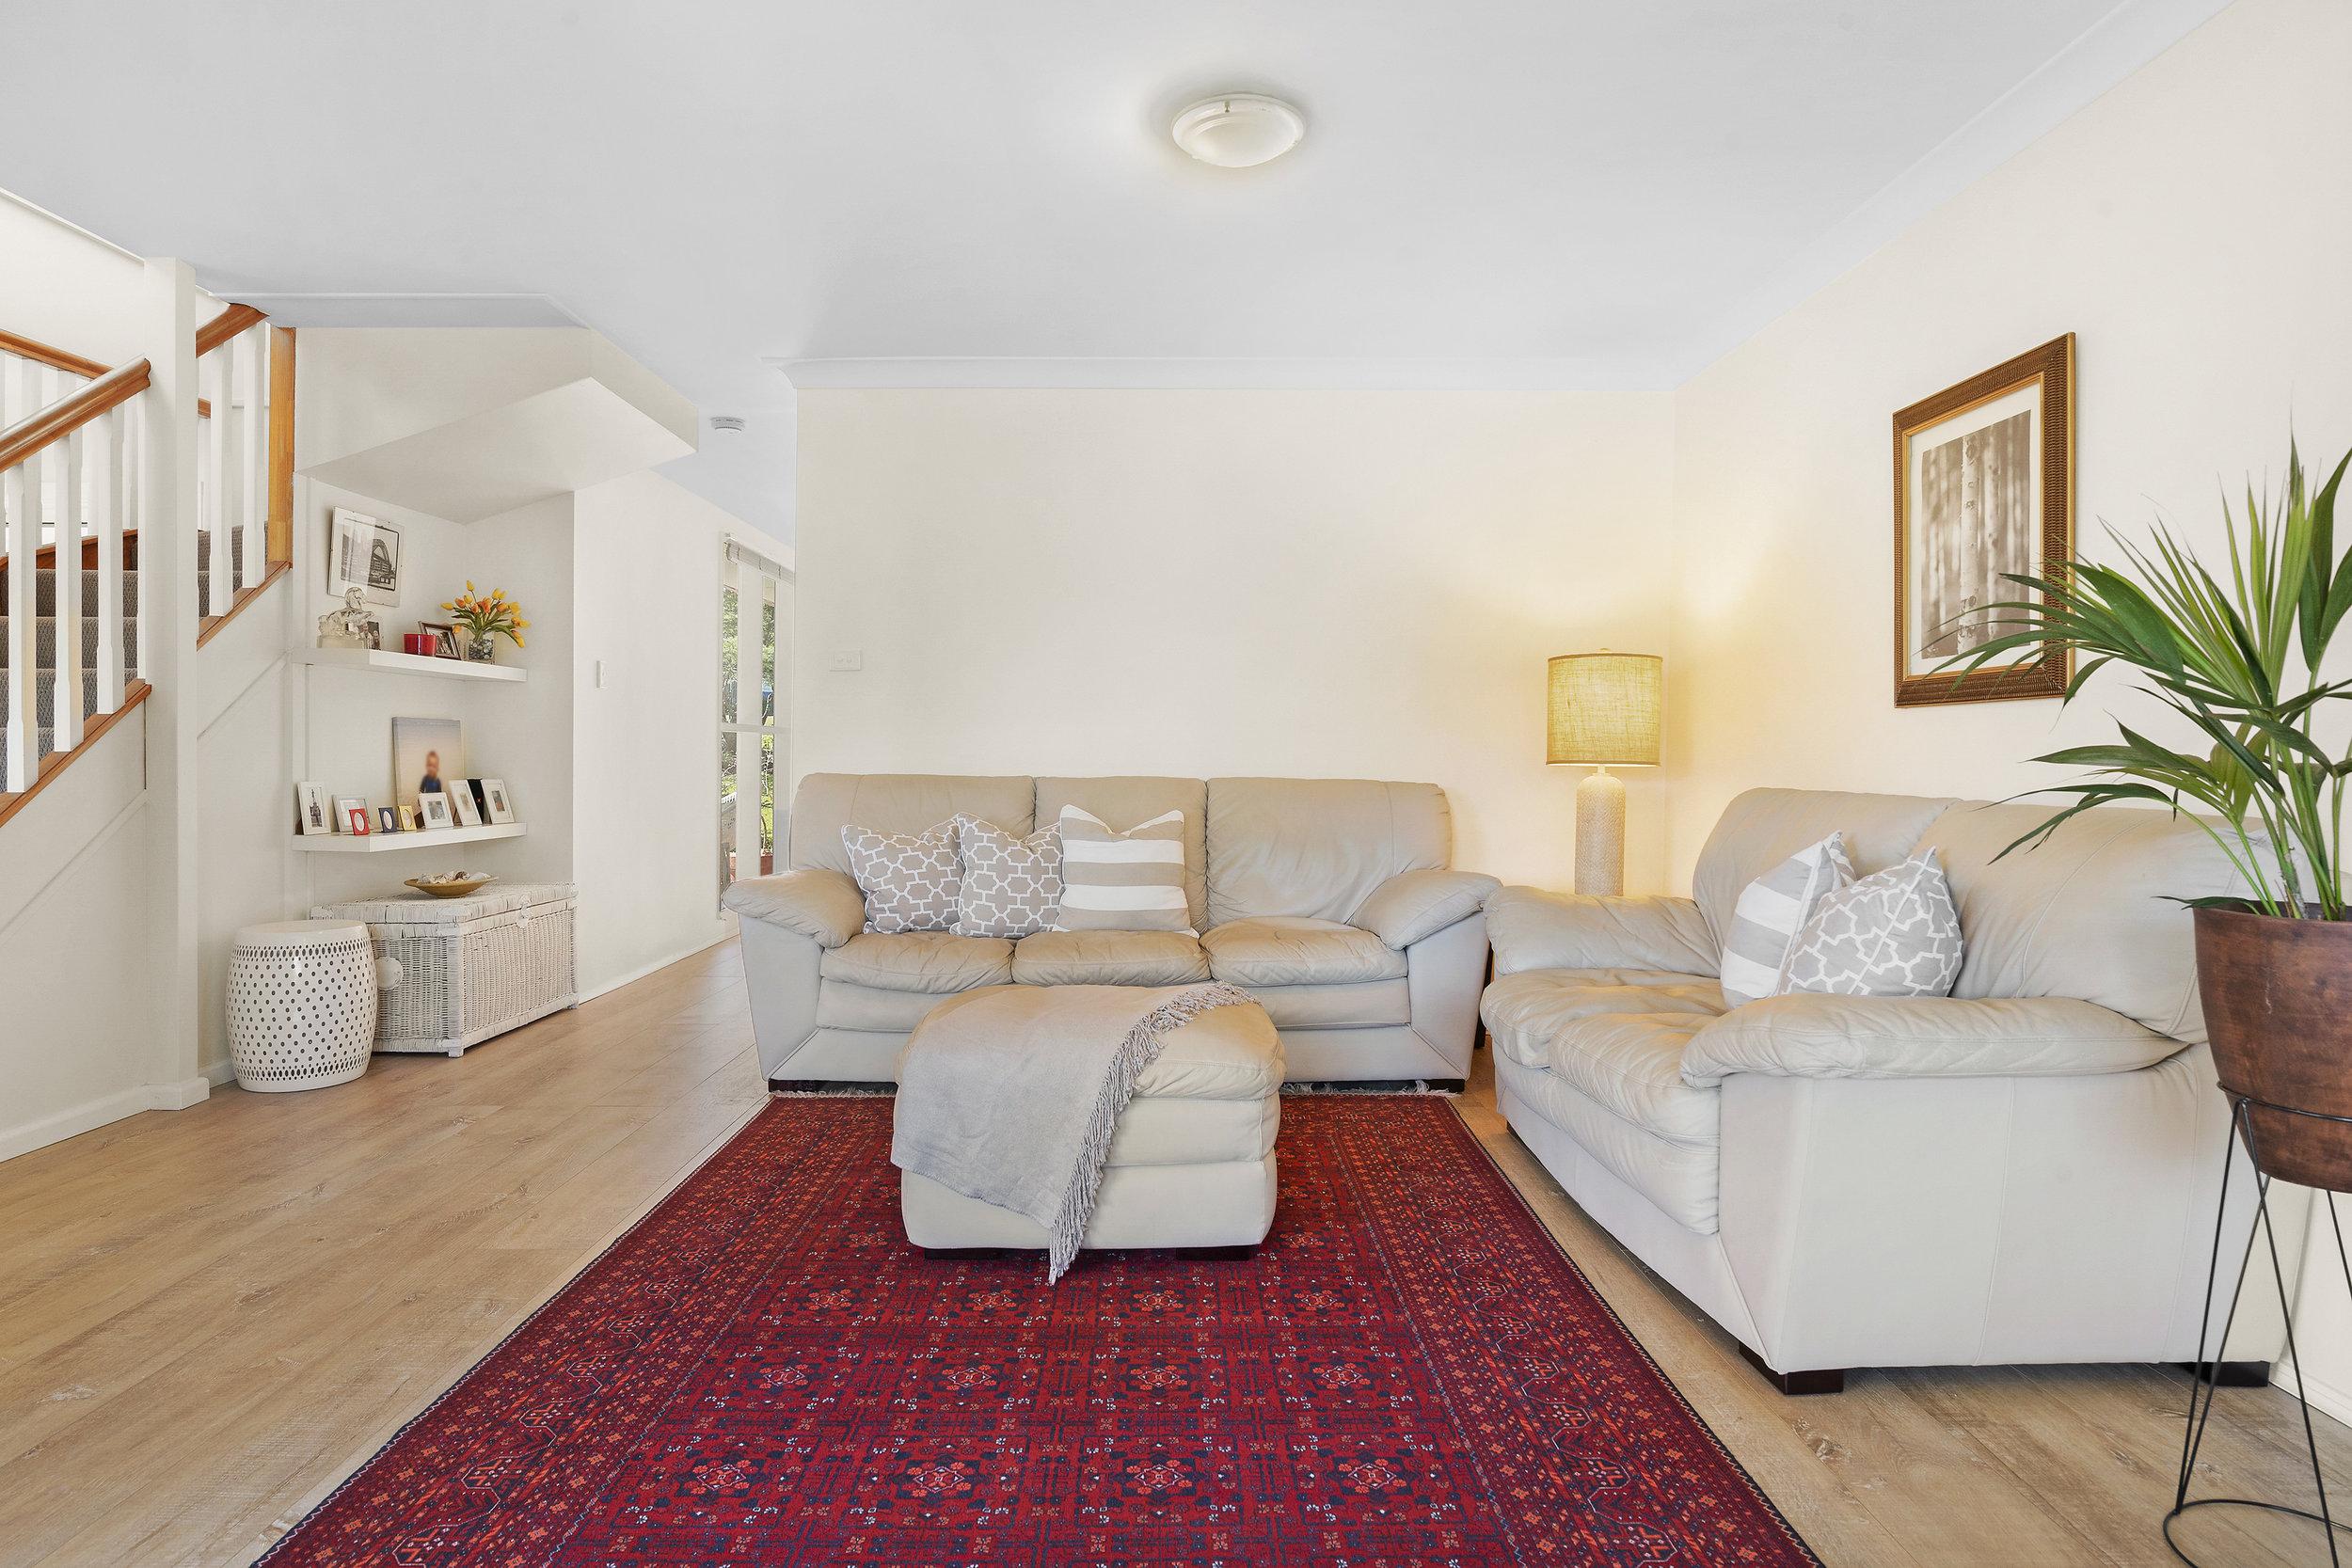 15-Living Room.jpg